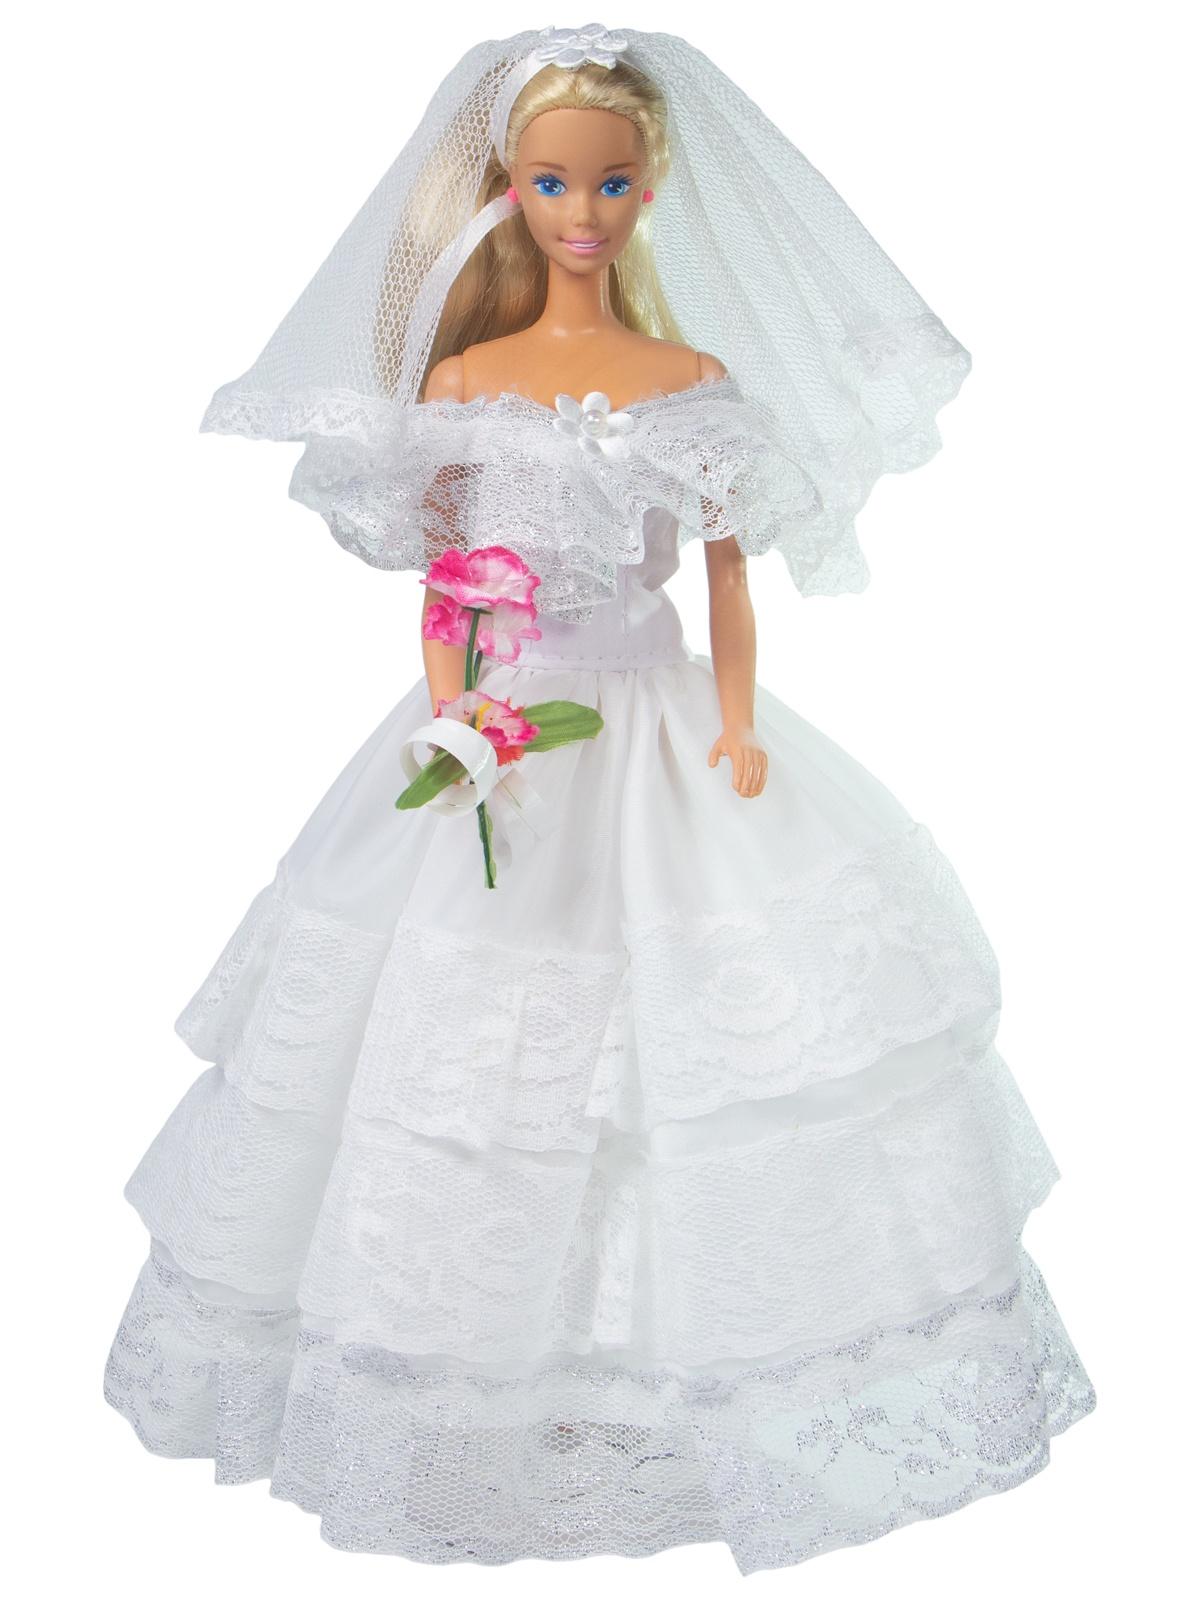 Одежда для кукол Модница Наряд невесты для куклы 29 см белый, серебристый